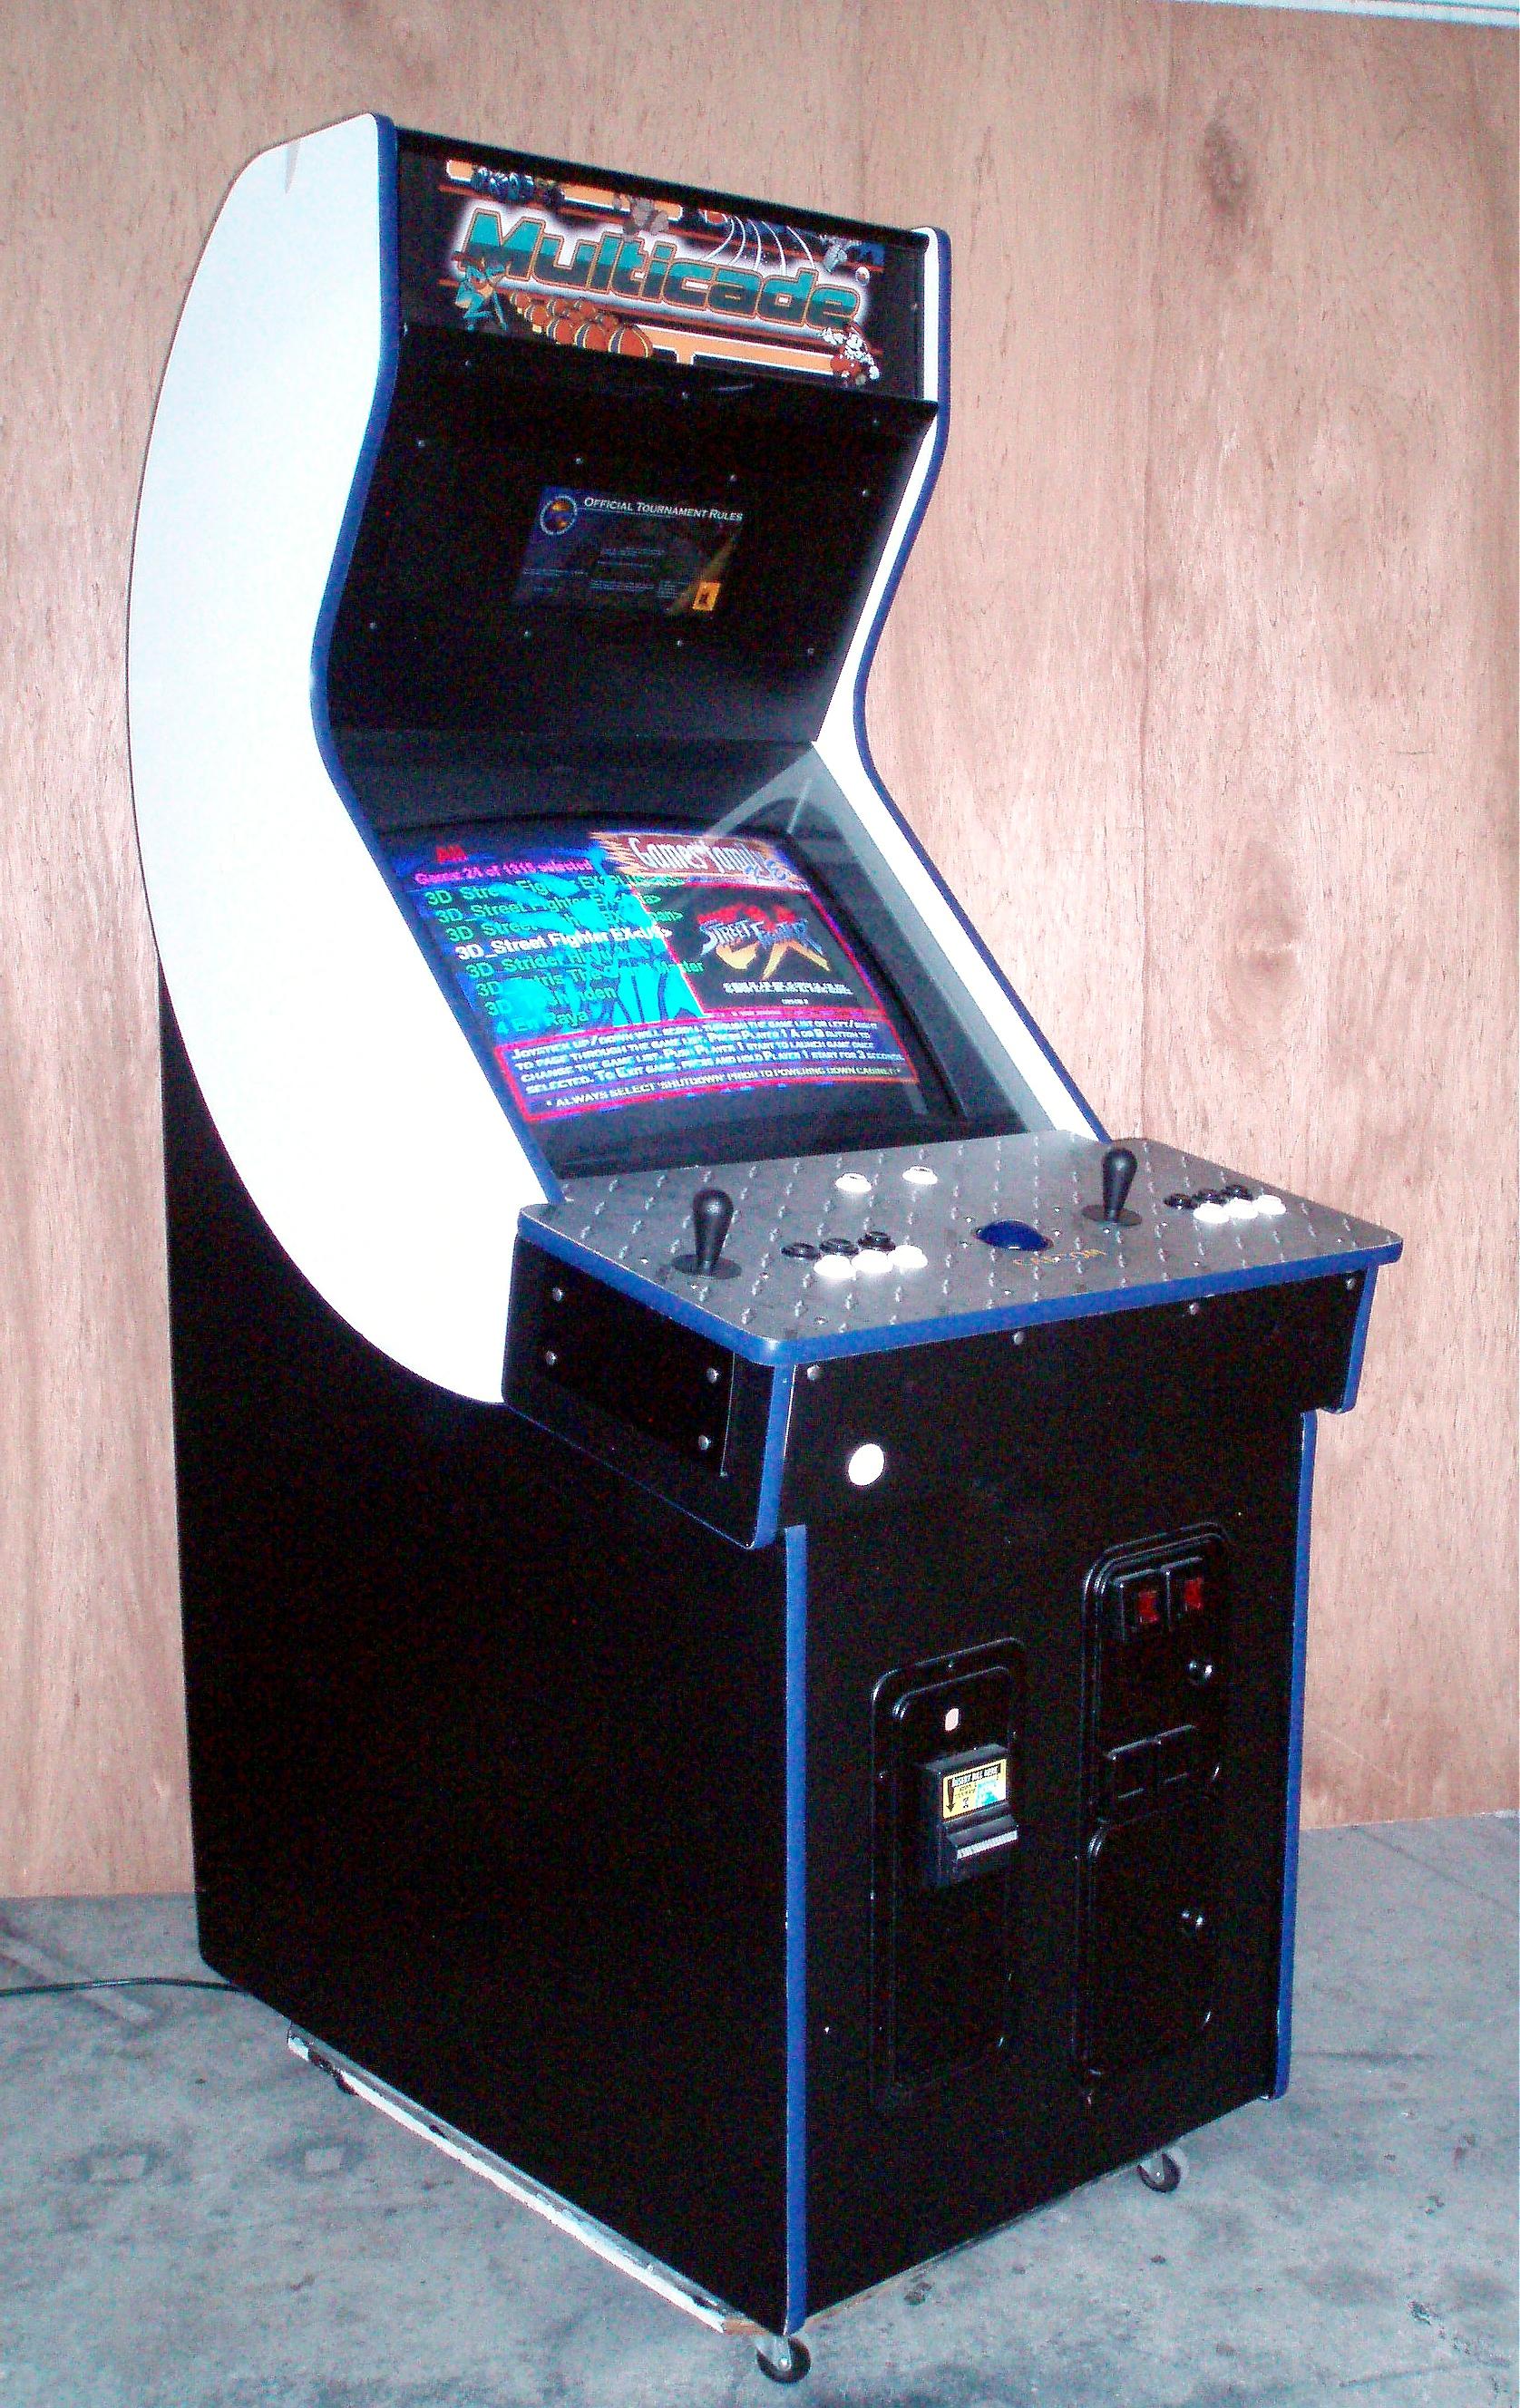 Golden Tee Cabinet Vertical Versus Horizontal Video Games Arcade Cabinets Monitors